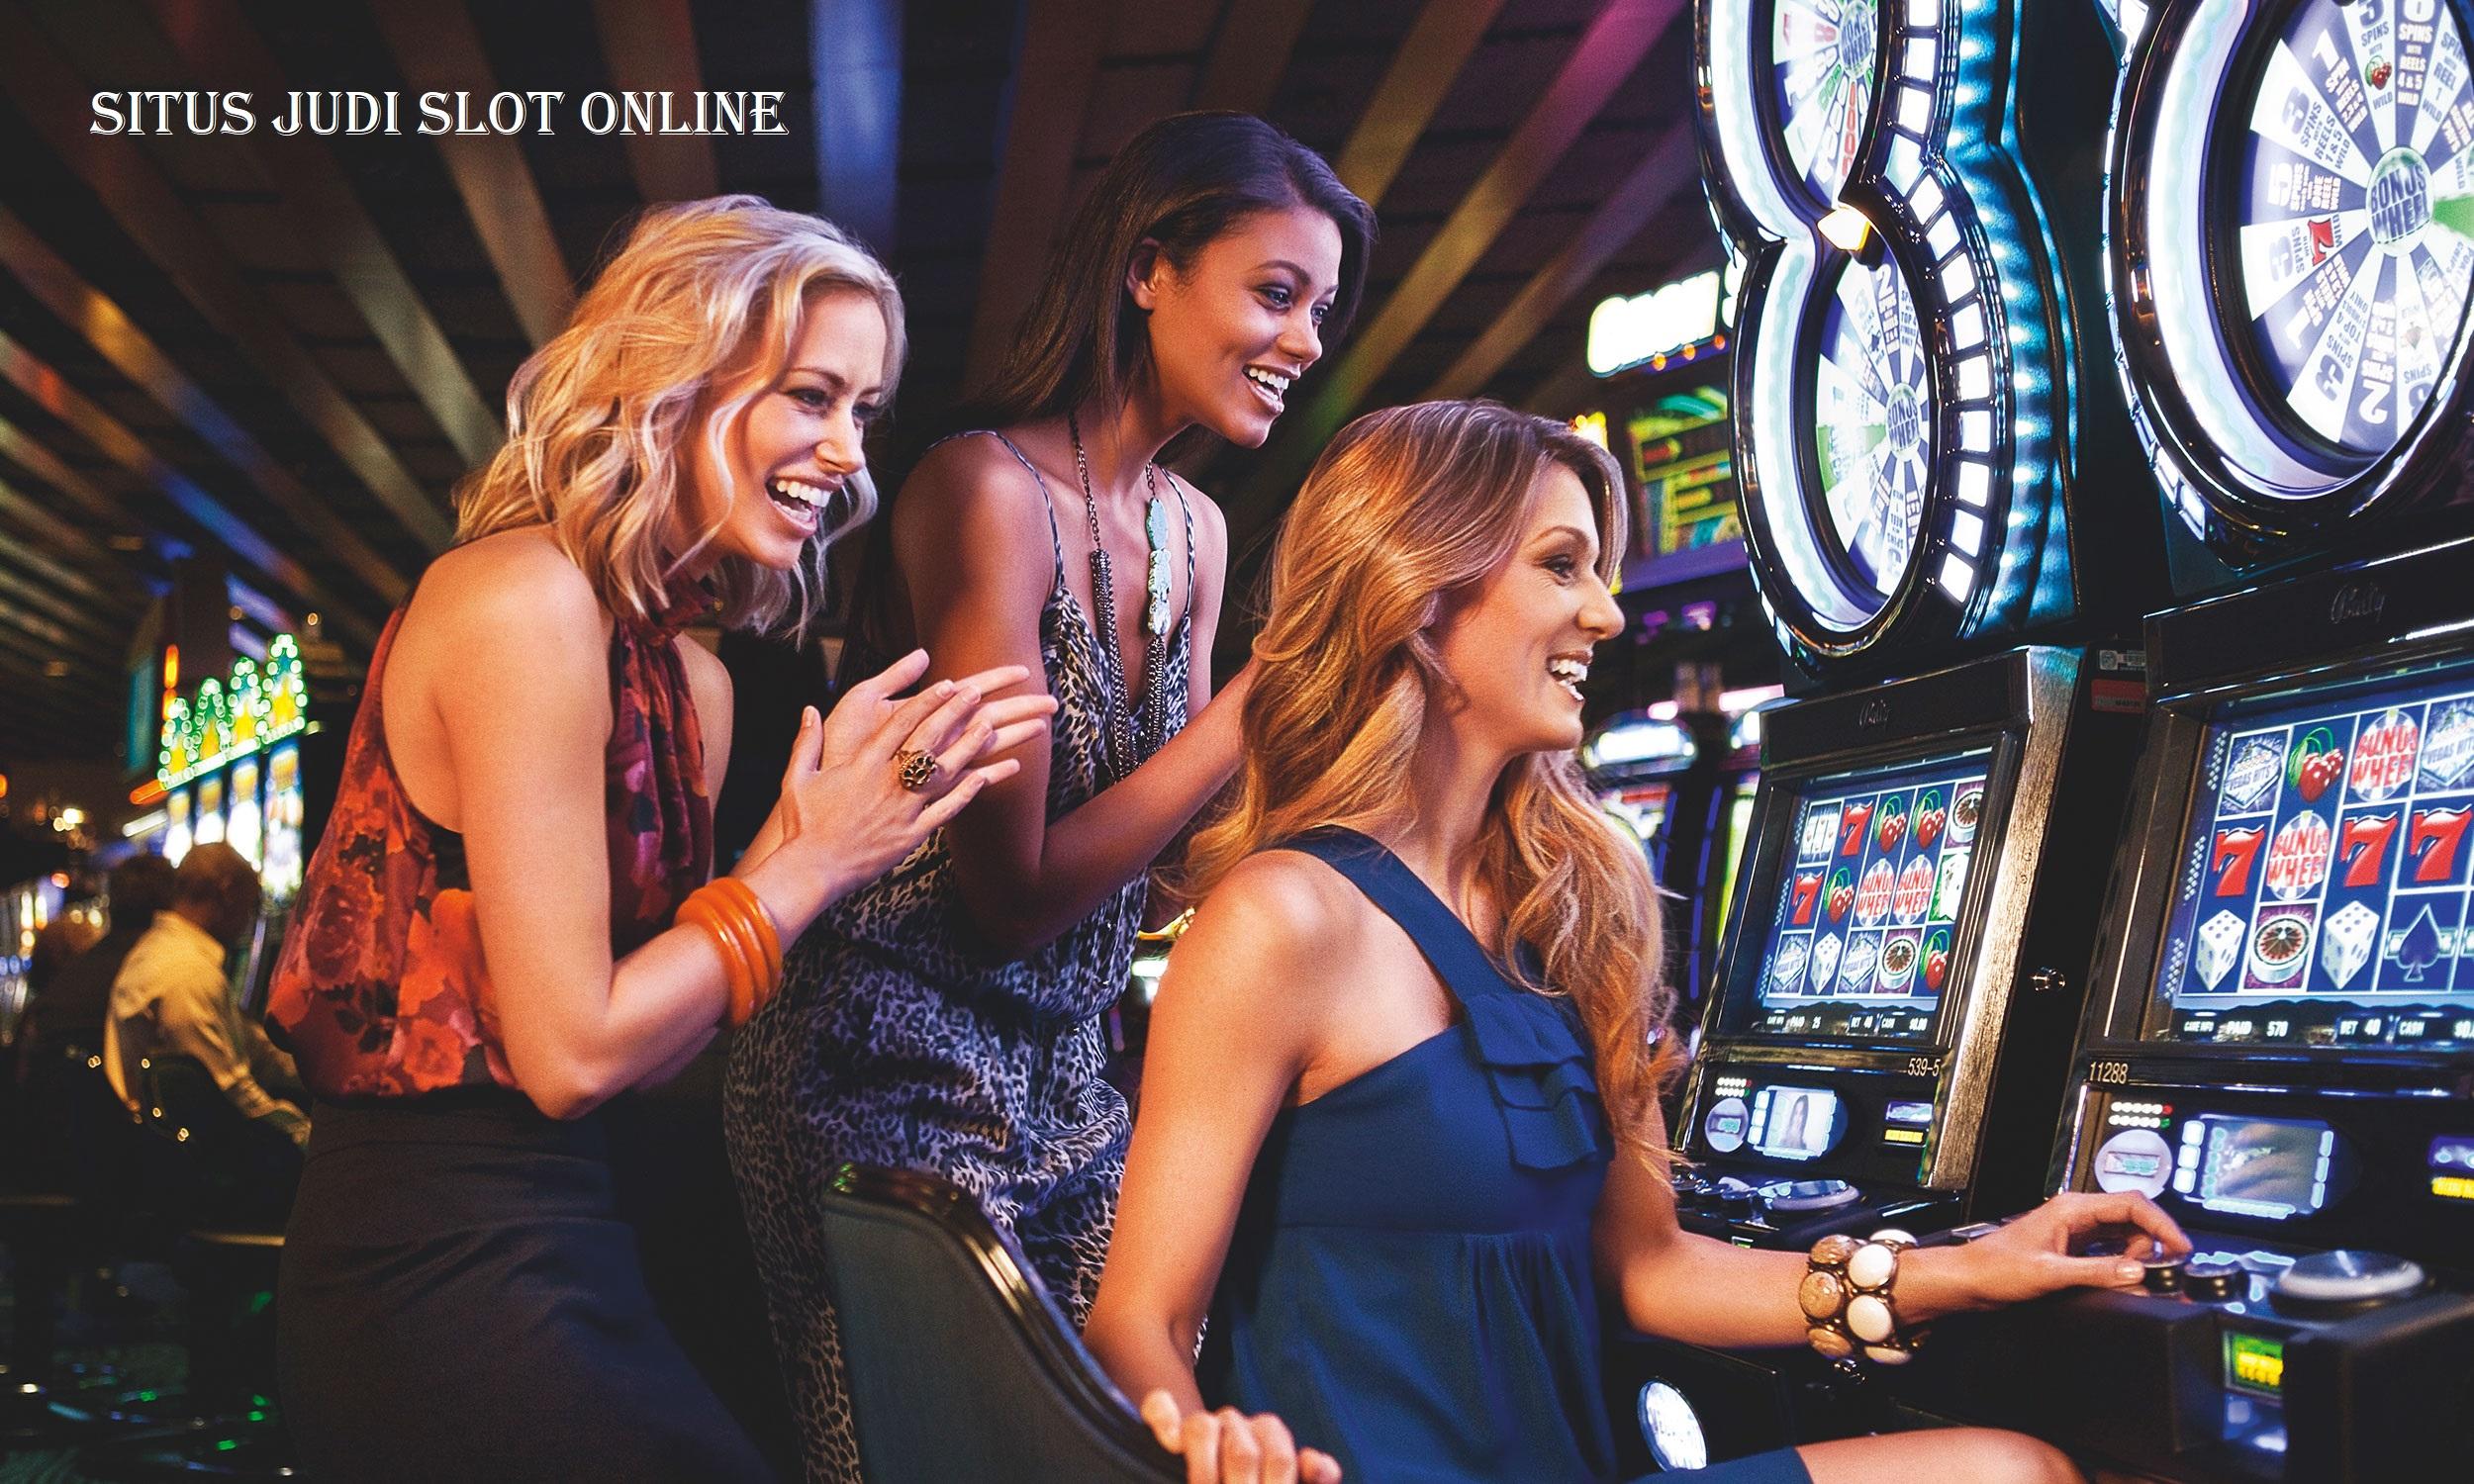 Mencari Sebuah Situs Slot Joker123 Resmi Yang Terpercaya